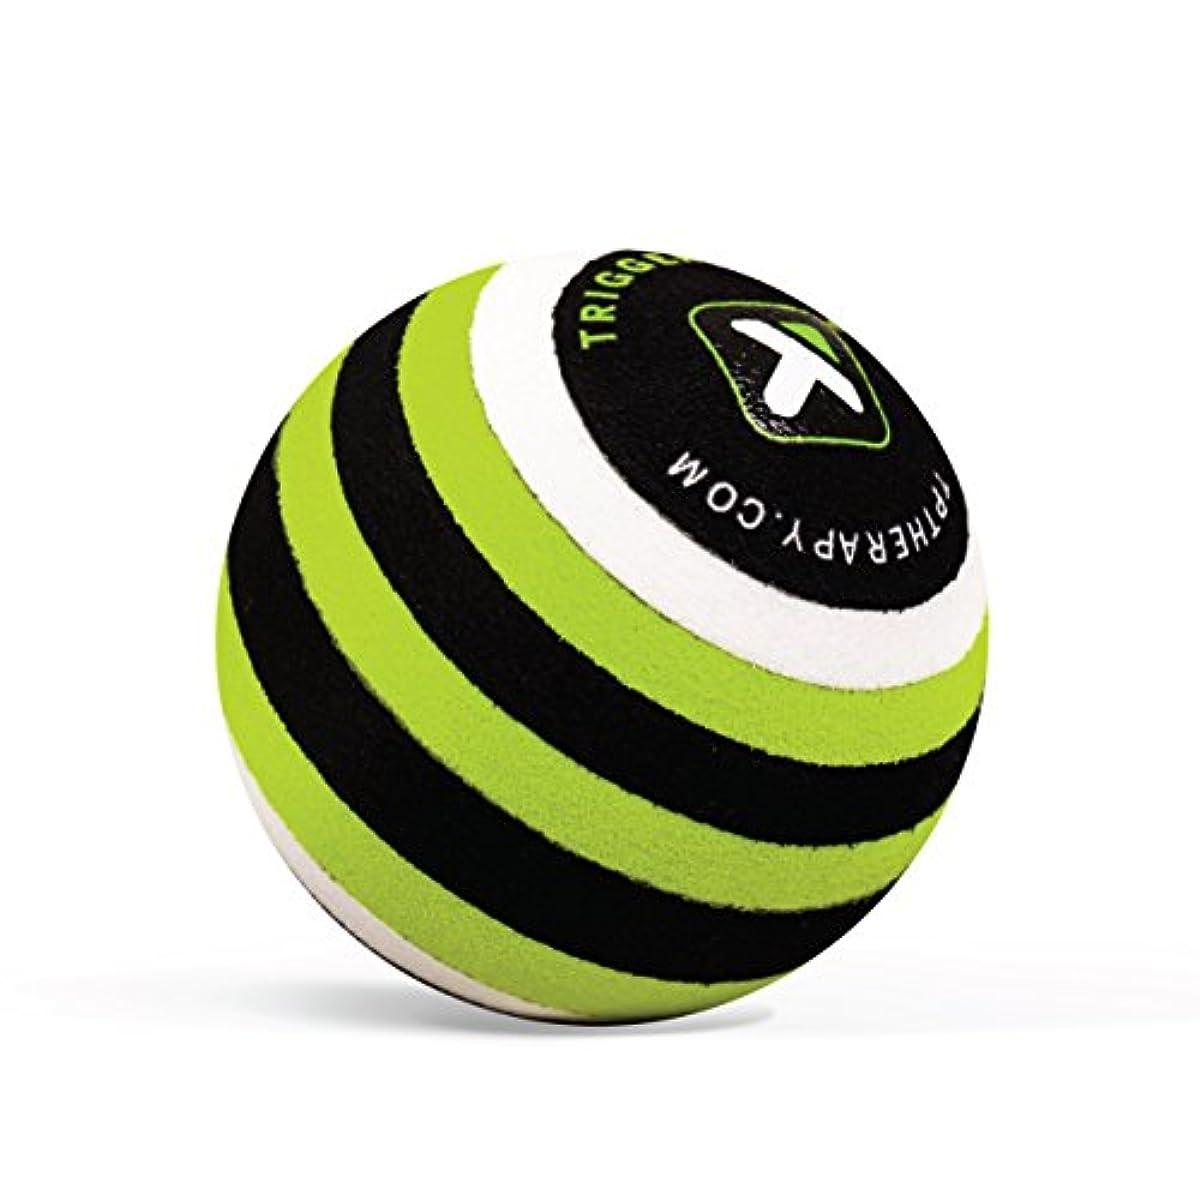 後者サンダーボール【日本正規品 1年保証】 トリガーポイント(TRIGGERPOINT) マッサージボール MBシリーズ 筋膜リリース